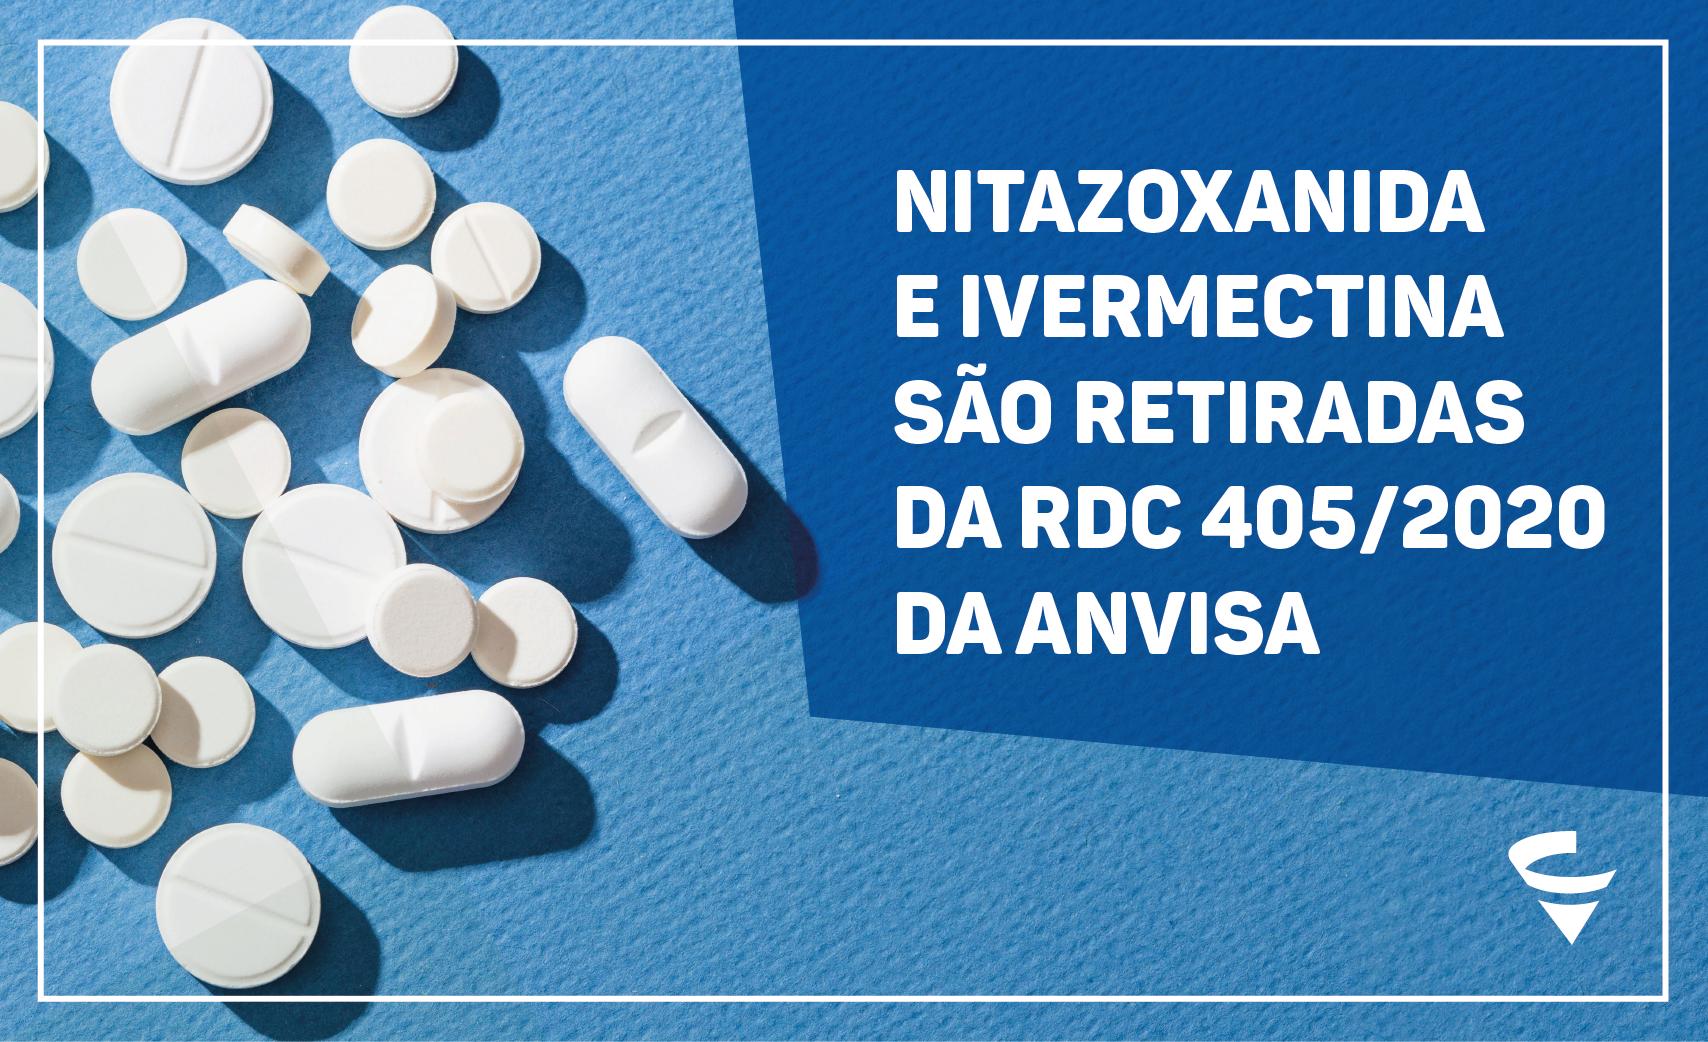 Nitazoxanida e Ivermectina são retiradas da RDC 405/2020 da Anvisa